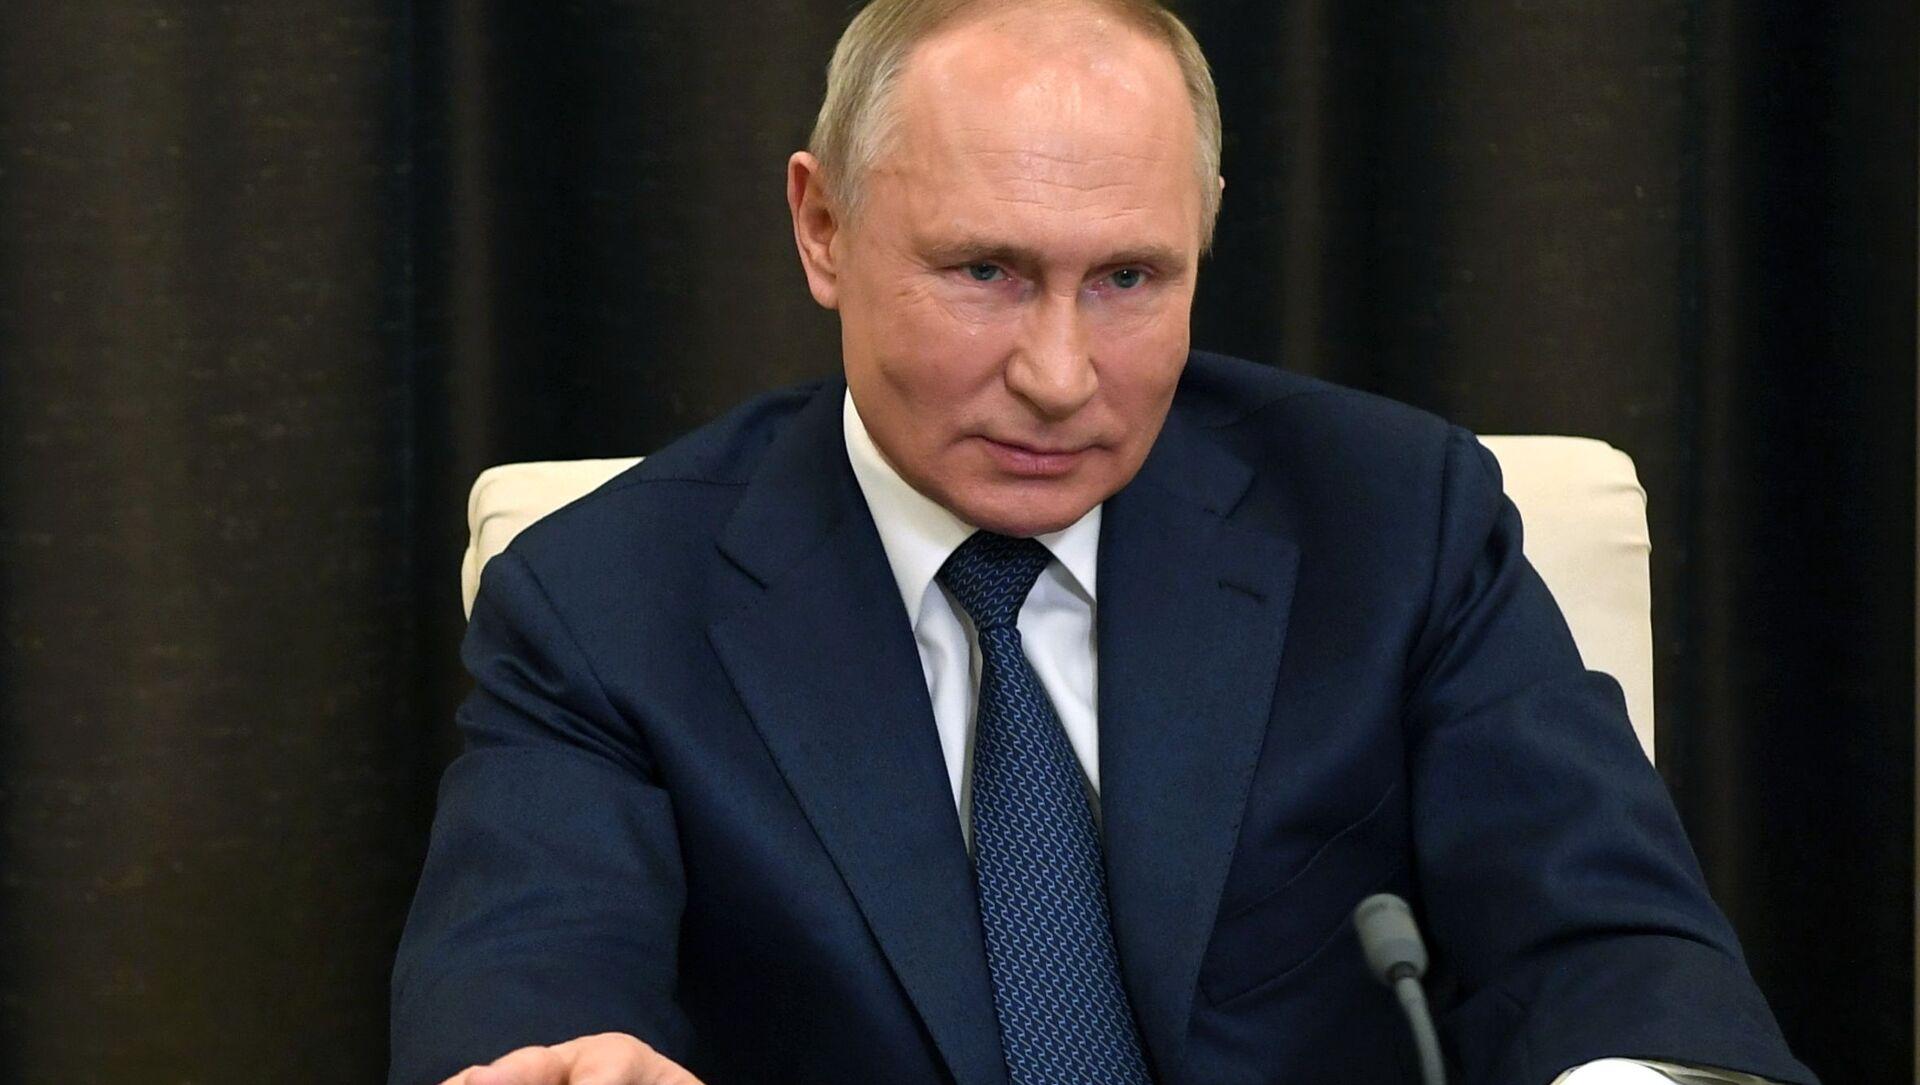 Ruský prezident Vladimir Putin - Sputnik Česká republika, 1920, 17.02.2021